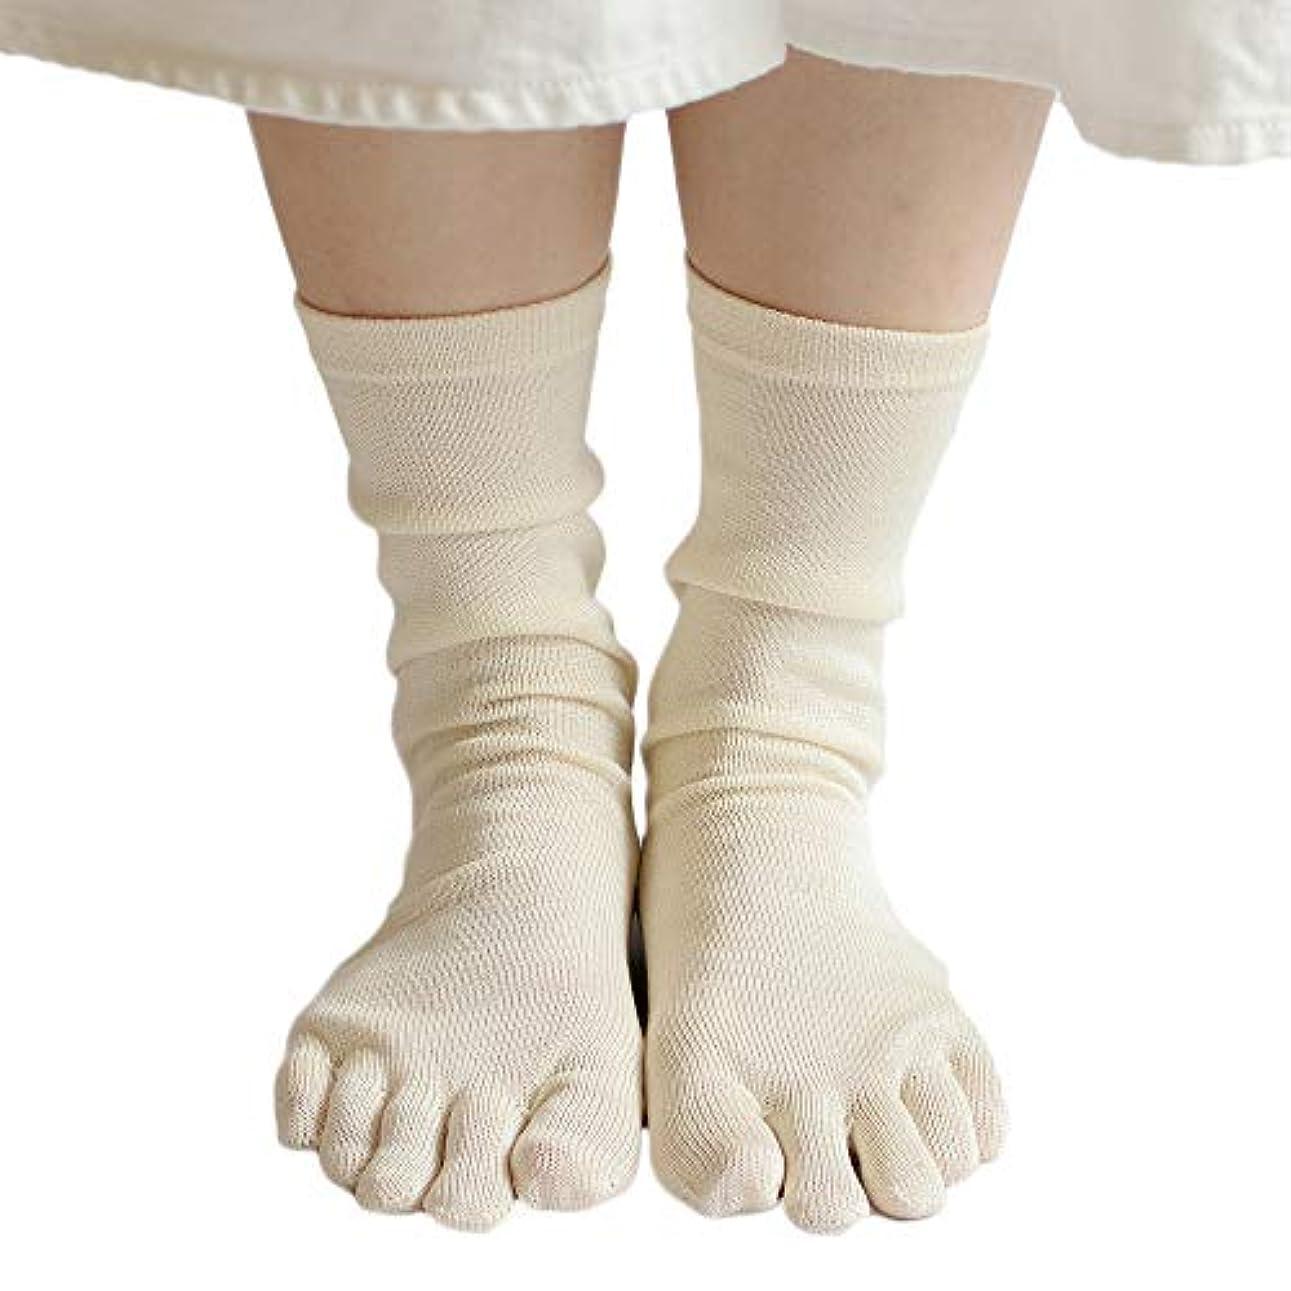 抽象化安定しましたマサッチョタイシルク 100% 五本指 ソックス 3足セット かかとあり 上質なシルクを100%使用した薄手靴下 重ね履きのインナーソックスや冷えとりに